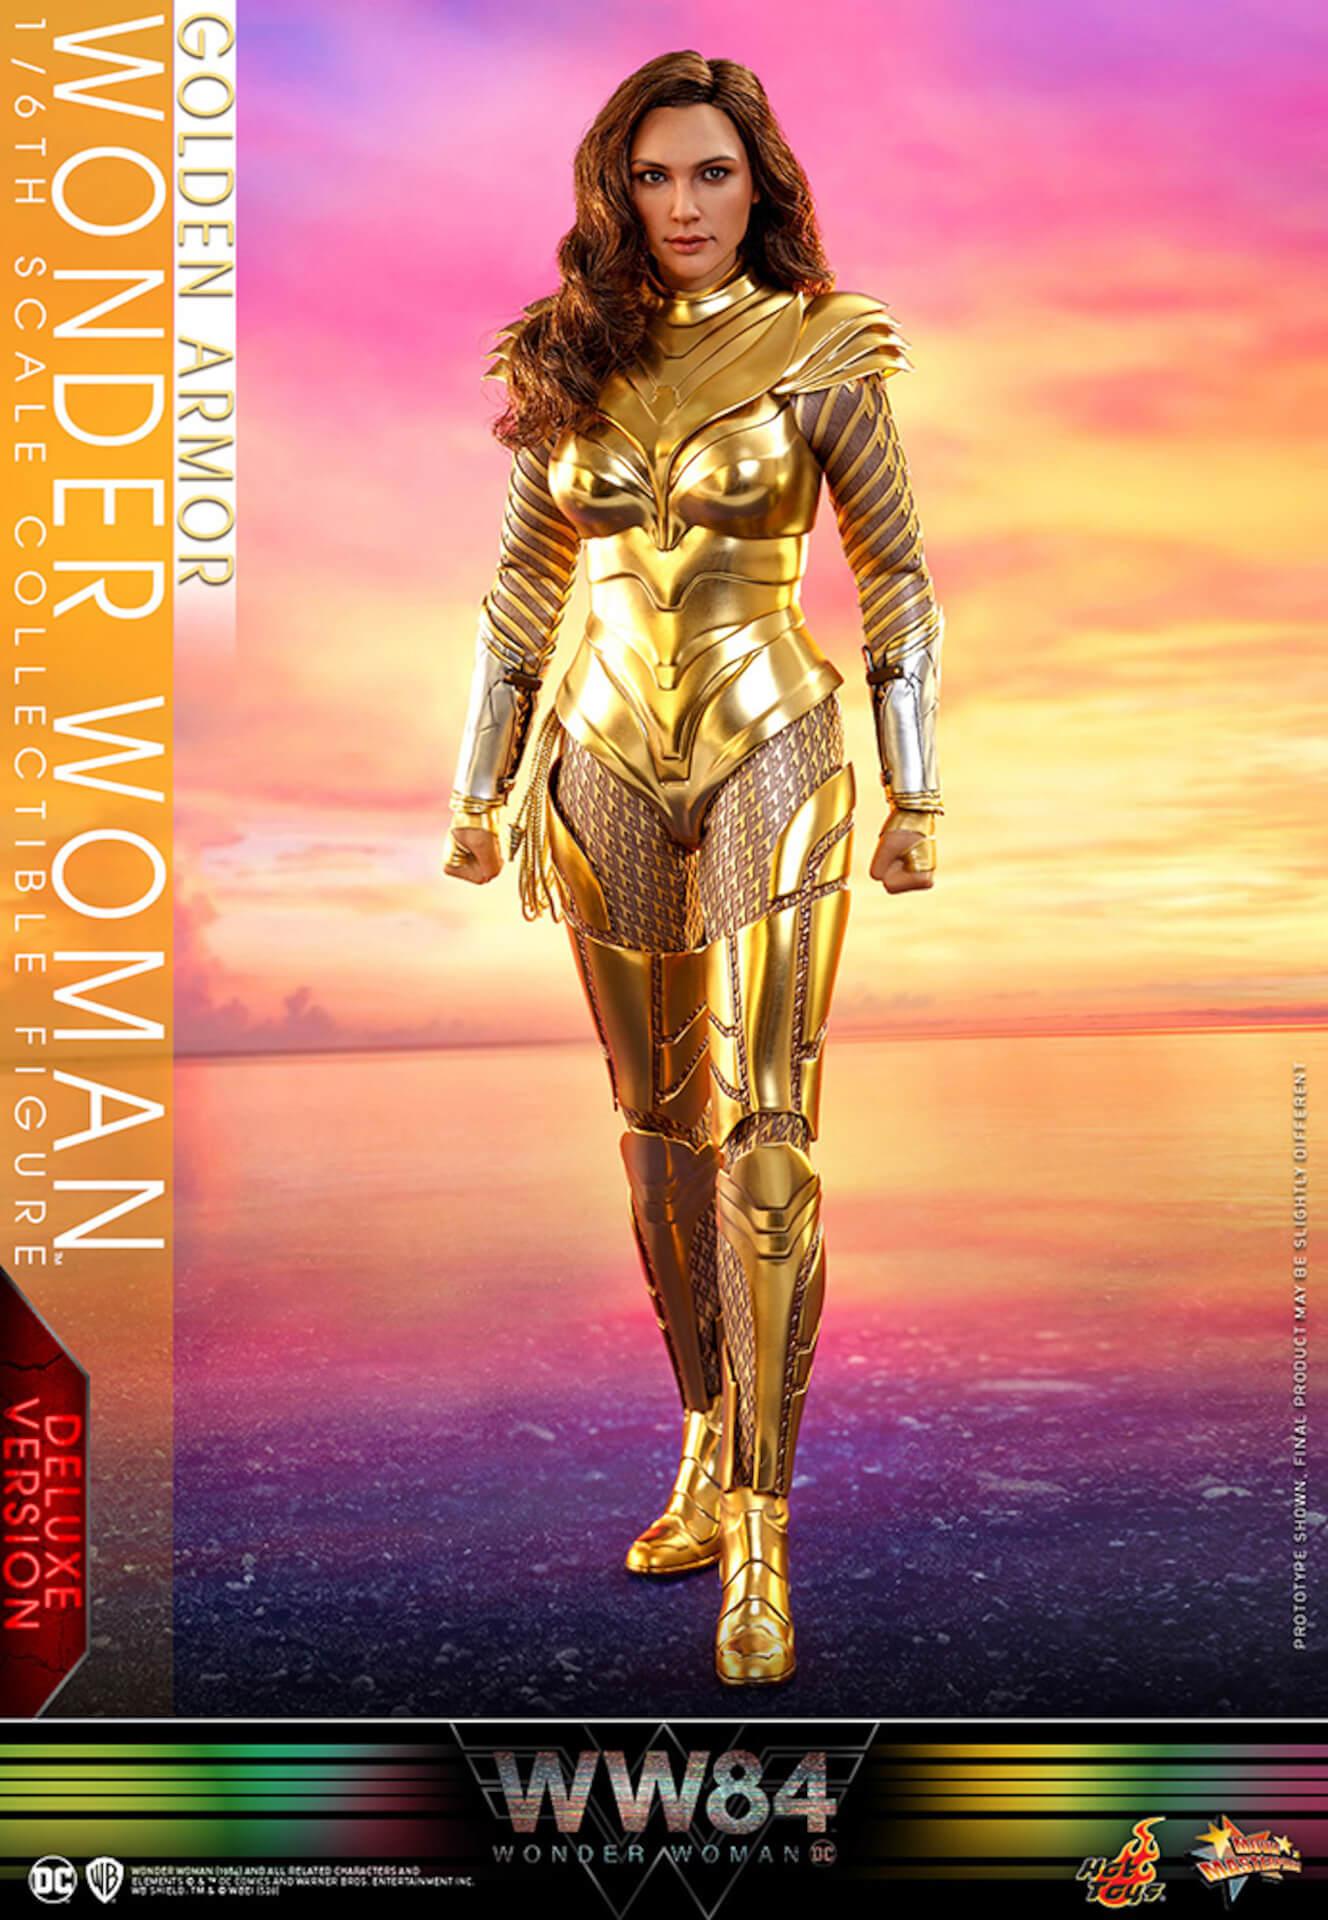 最新作『ワンダーウーマン 1984』からゴールドアーマー装着のワンダーウーマンフィギュアがホットトイズで登場! art200528_ww_hottoys_7